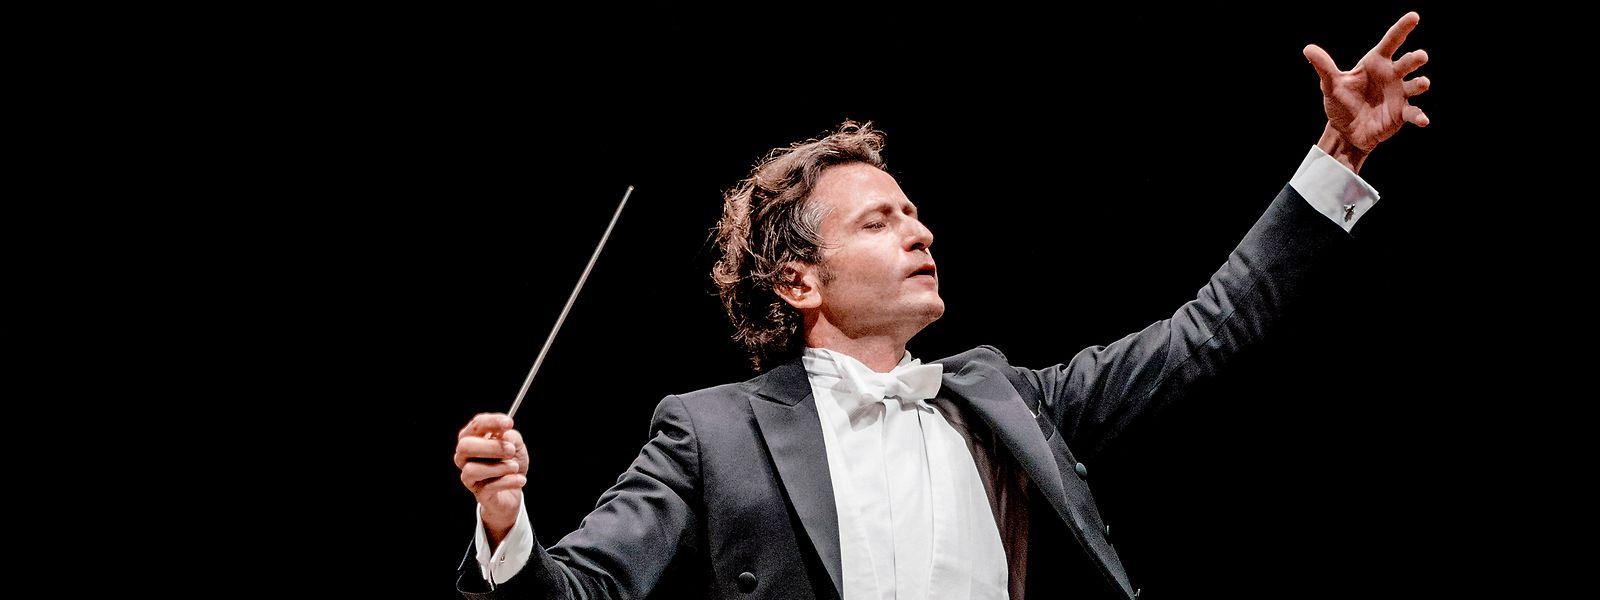 A la tête du Philharmonique jusqu'en 2025, c'est le chef Gustavo Gimeno qui a choisi de le mettre à l'honneur sur un enregistrement.